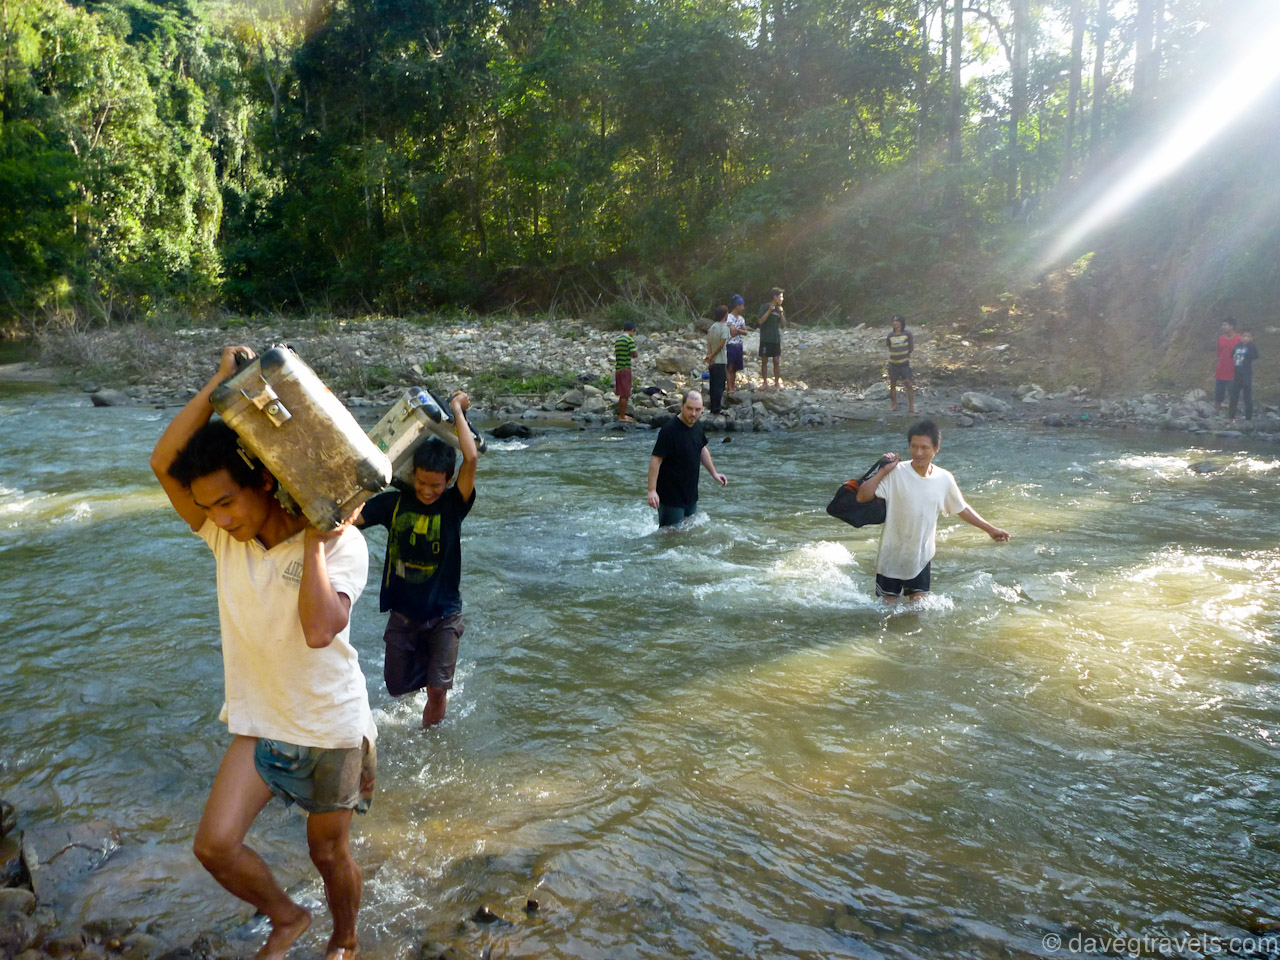 10 Ktm Se Panniers Crossing River Daveg Travels